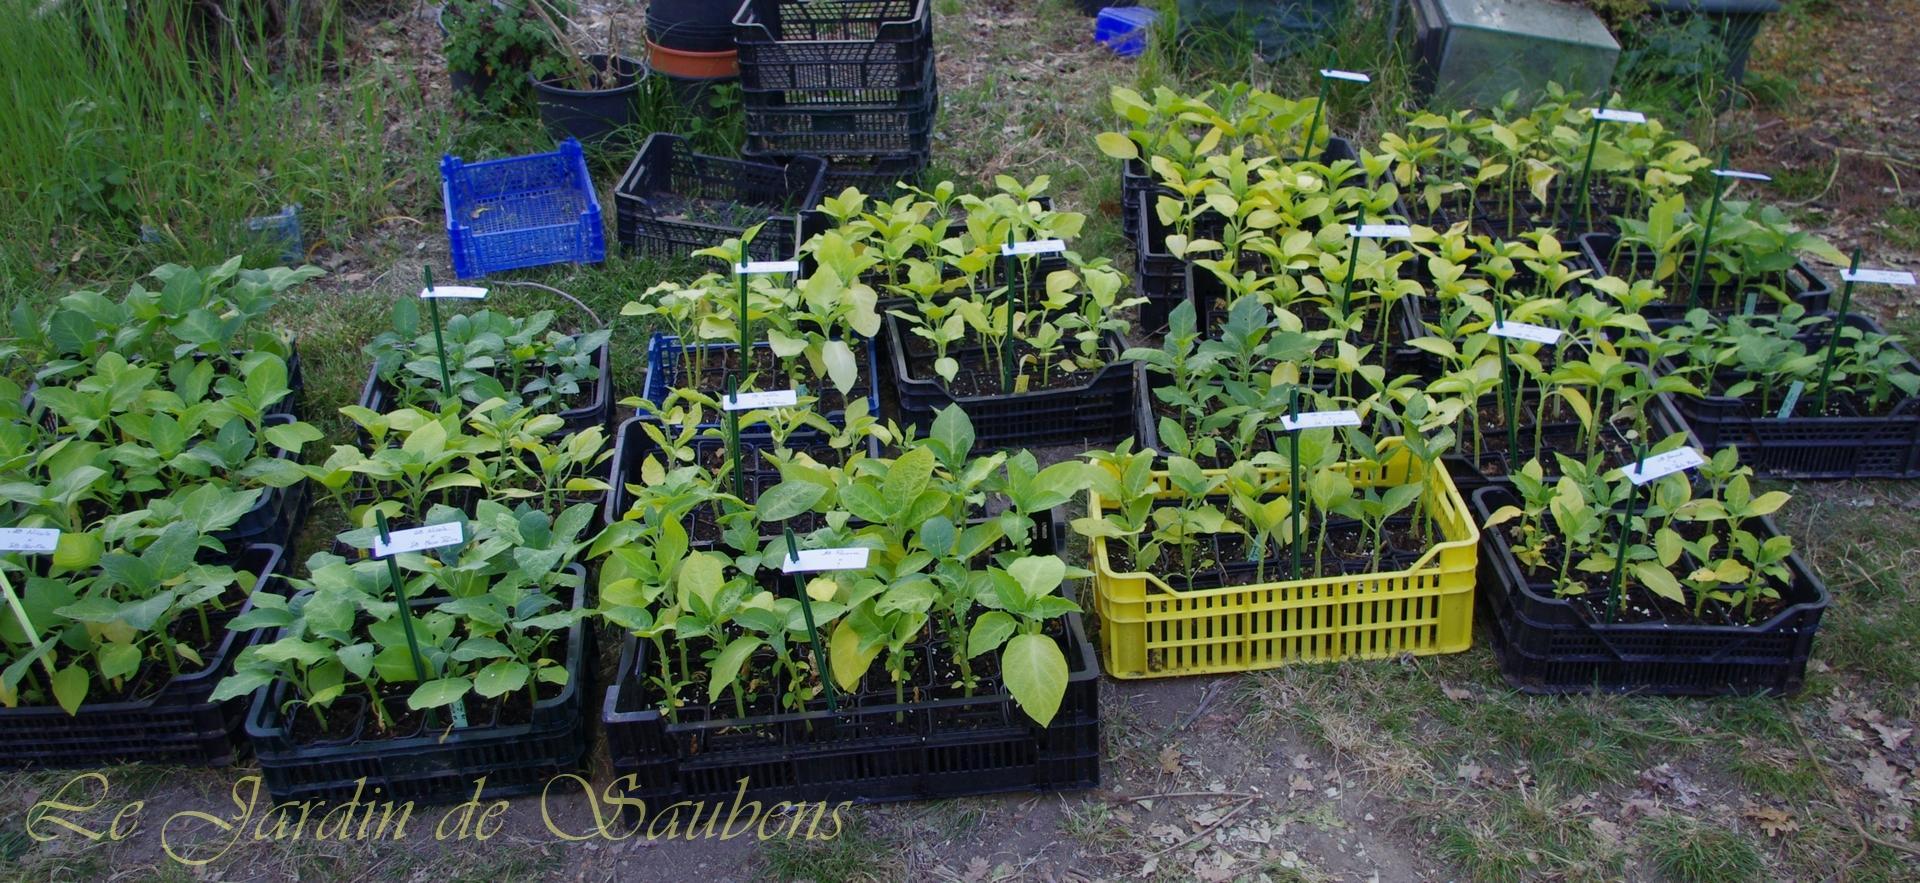 plants de brugmansias